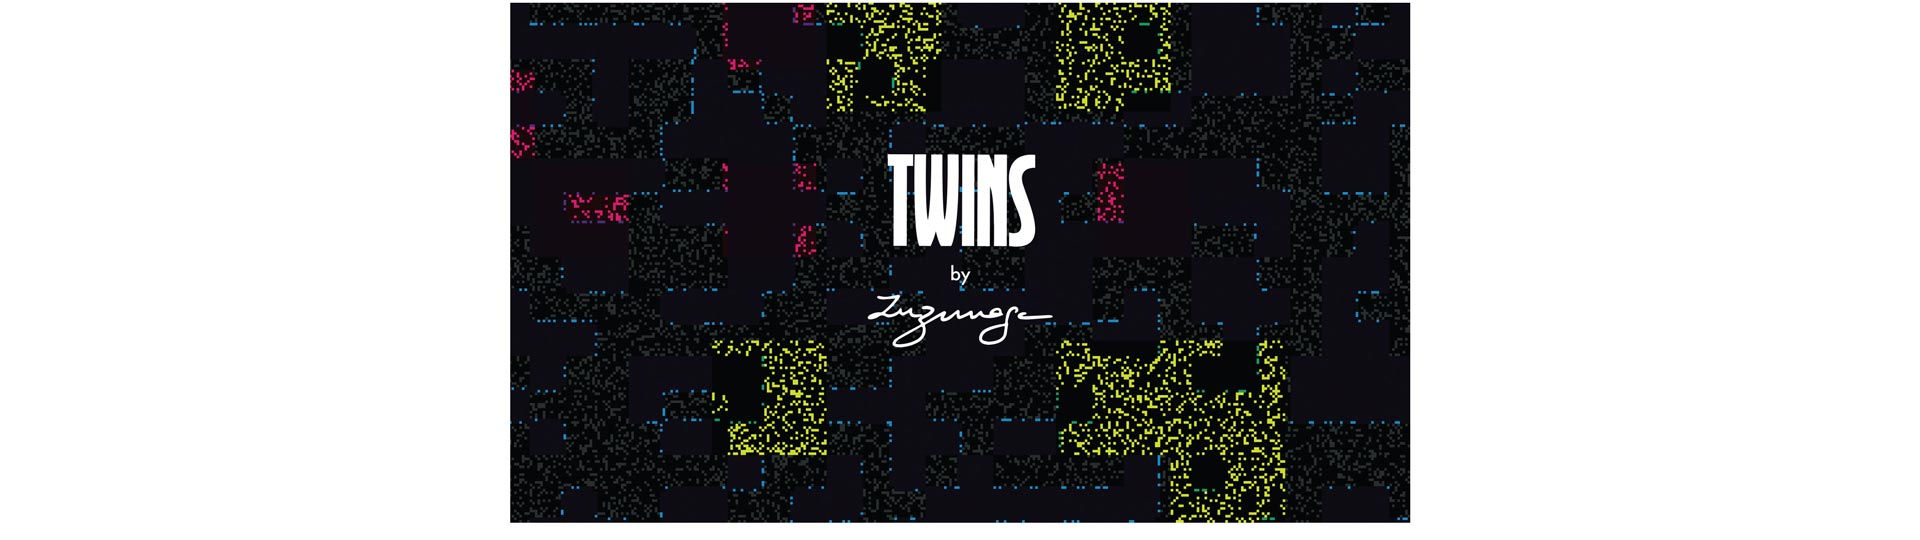 TWINS BY ZUZUNAGA